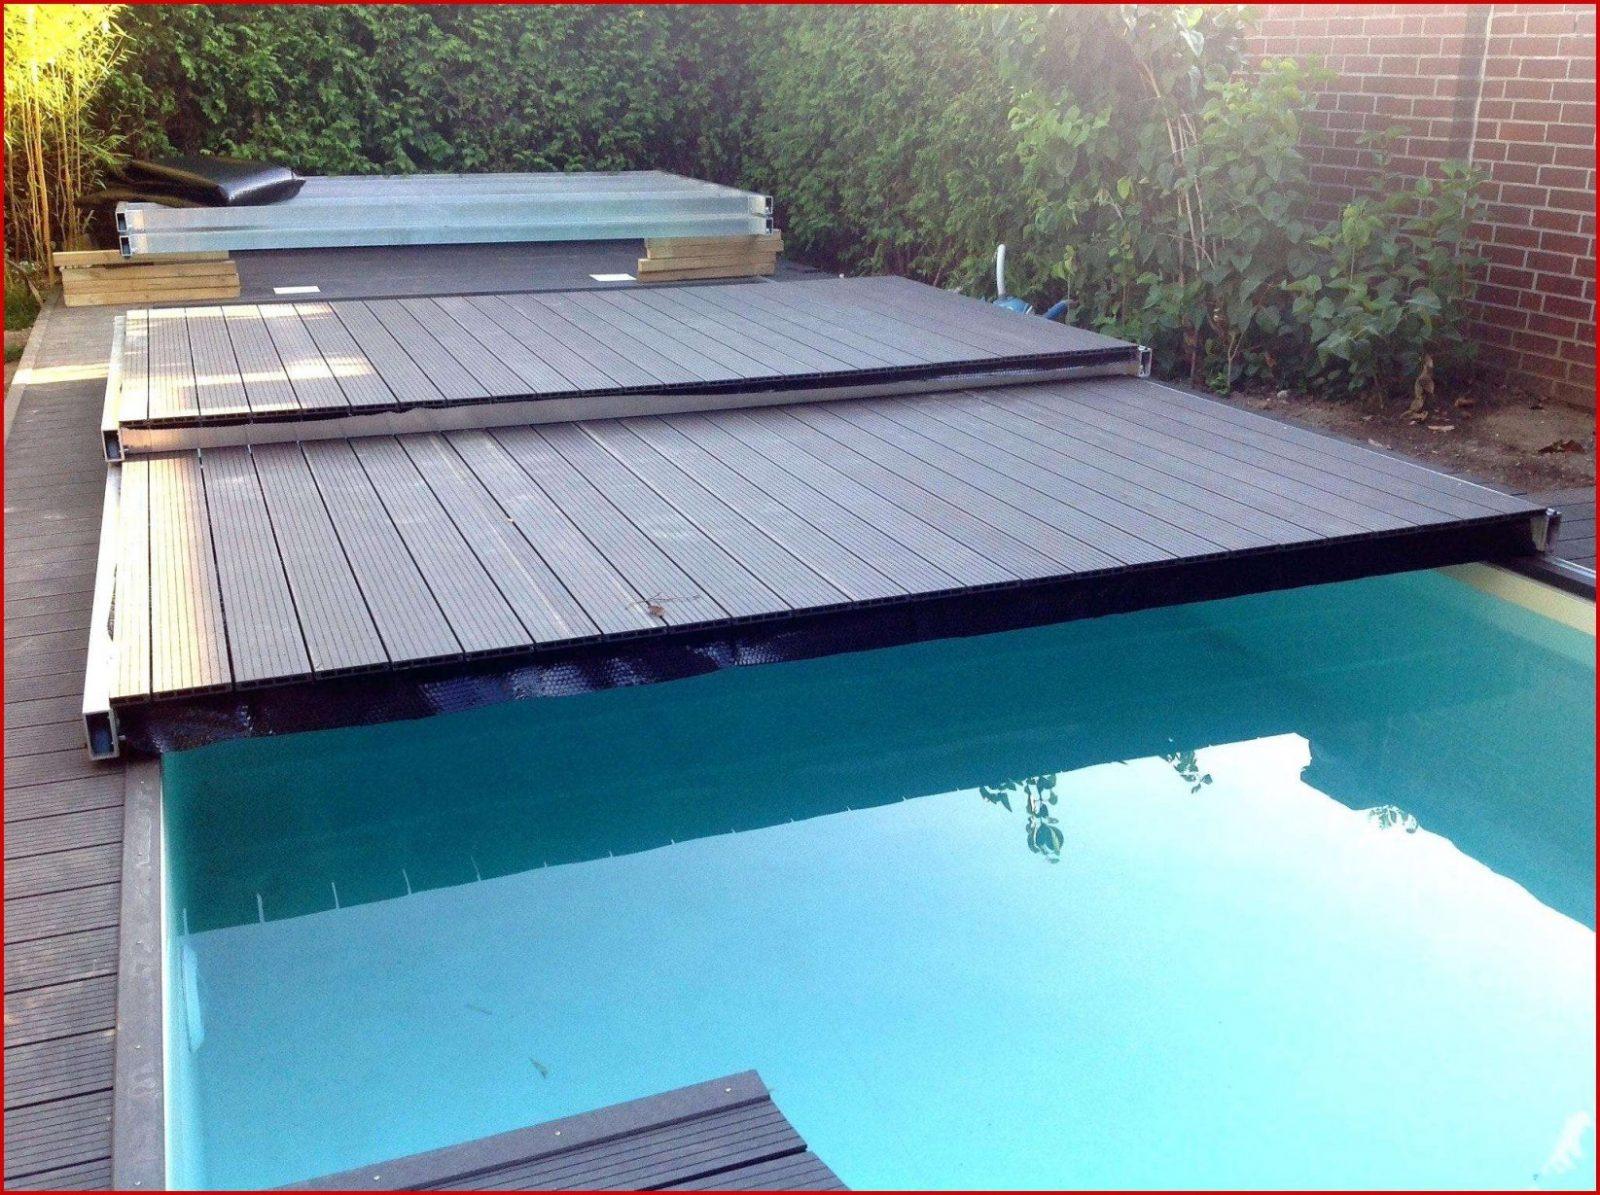 Pool Terrasse Selber Bauen Design Von Pool Mit Holzverkleidung von Pool Winterabdeckung Selber Bauen Photo